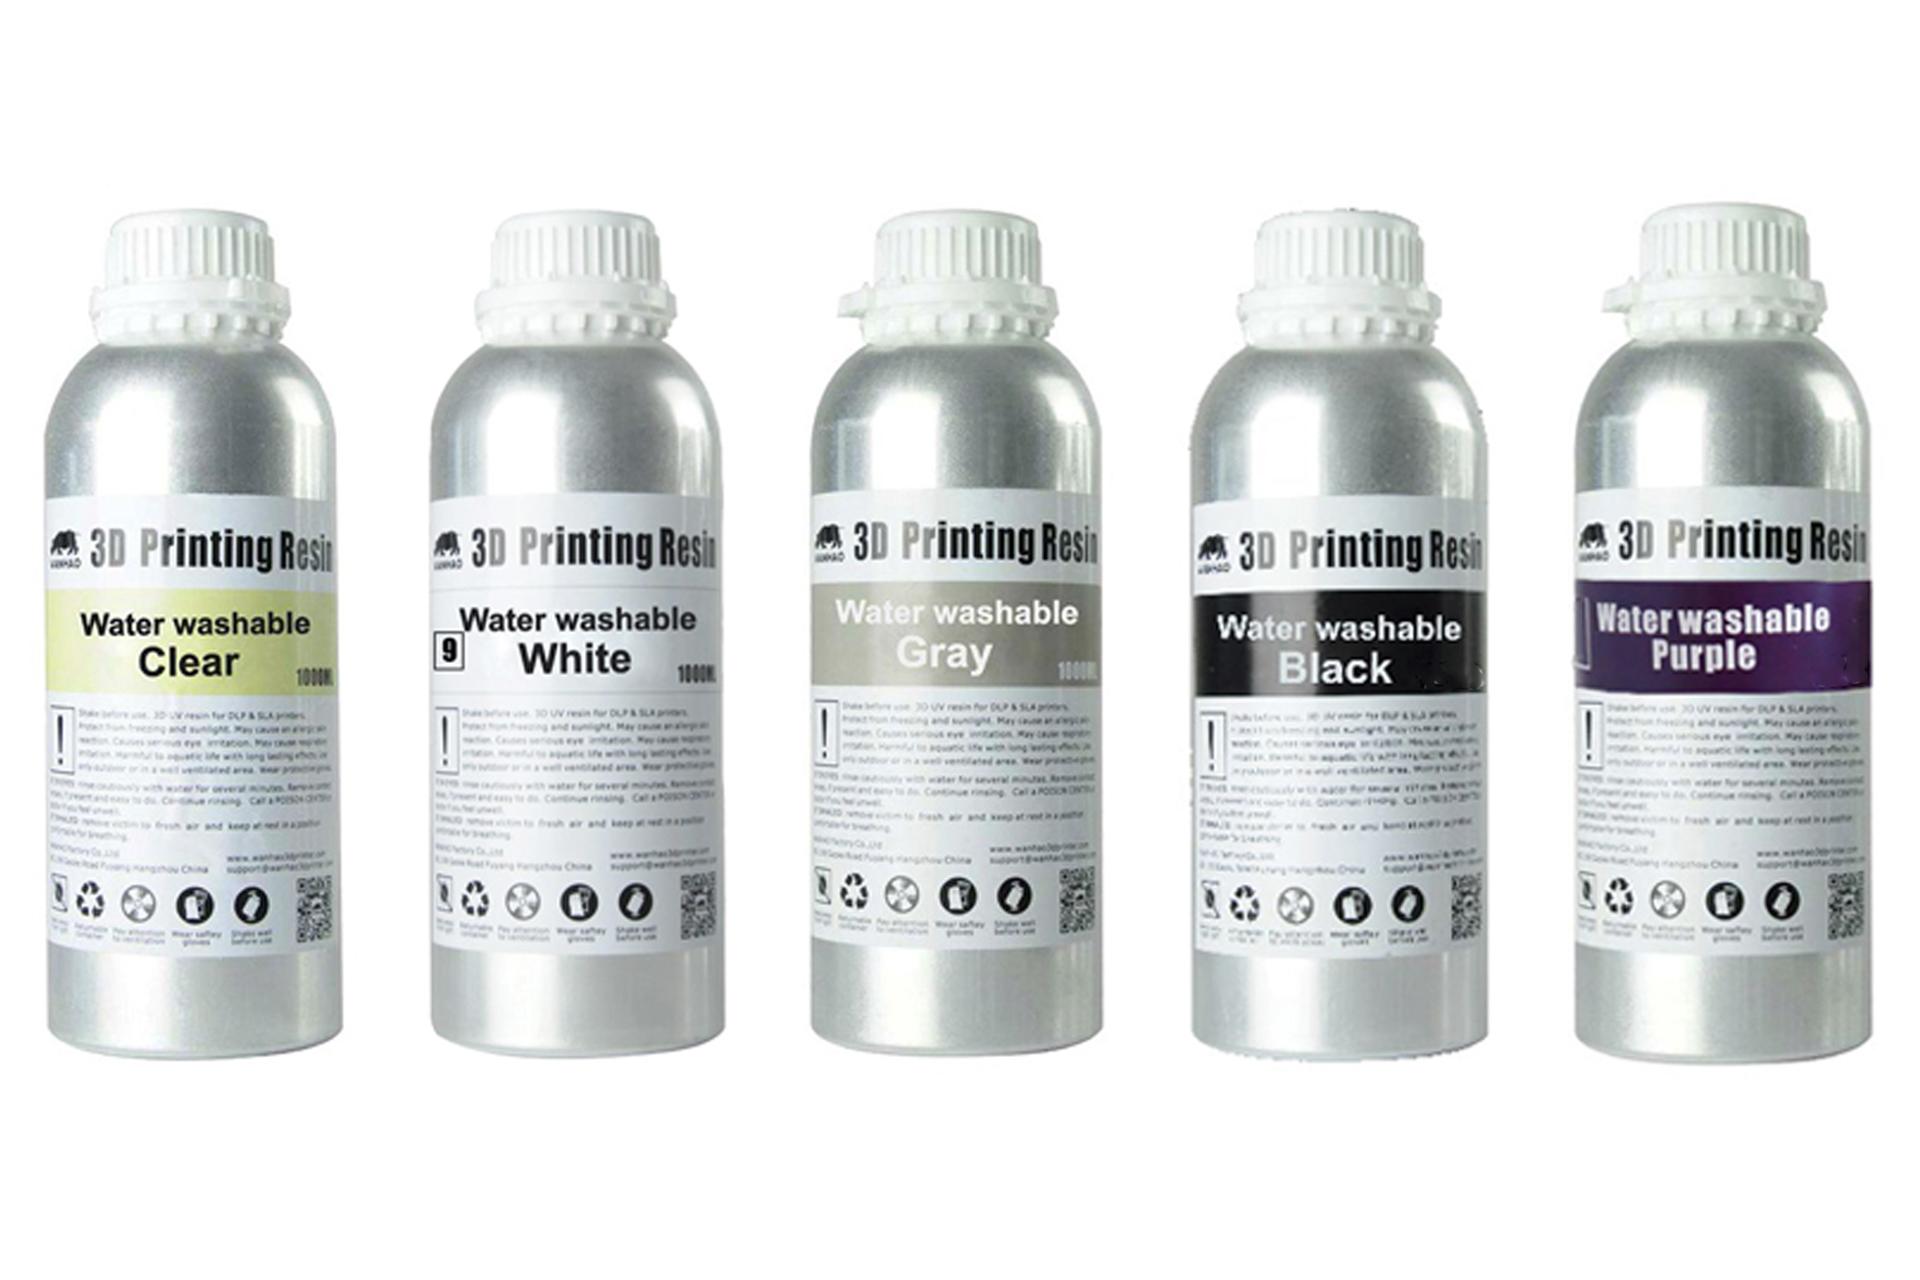 Фотополимерная смола Wanhao Water Washable UV resin купить украина